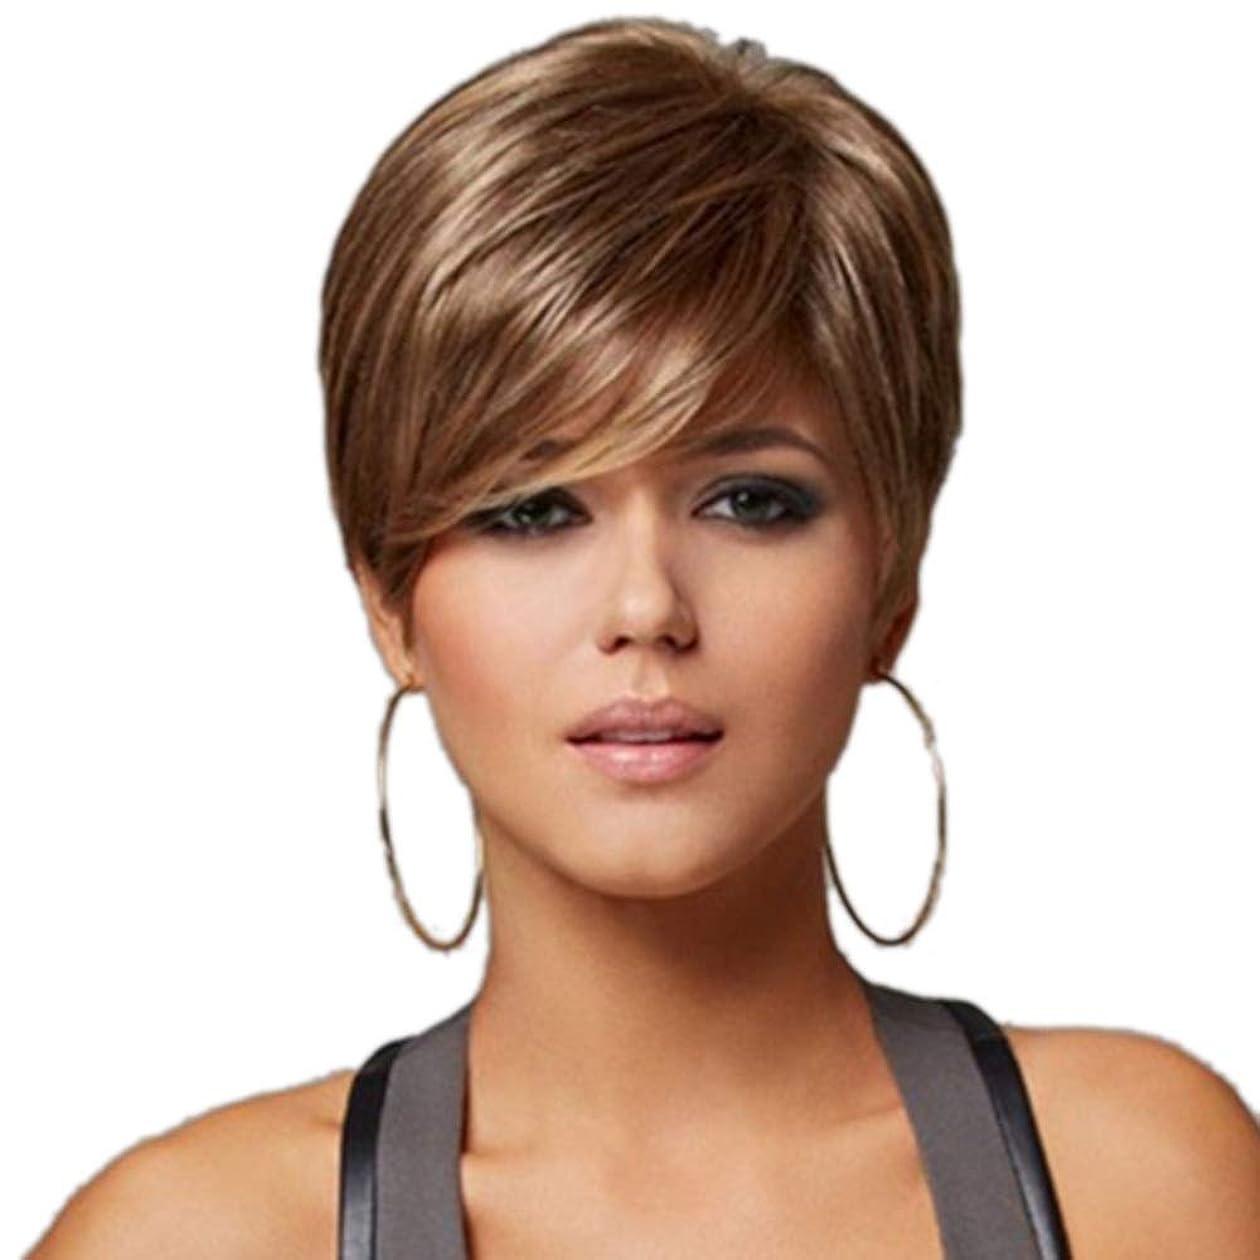 クスクス店員内なるWASAIO 女性ブラウンショートナチュラルウェーブ人工毛ウィッグ (色 : Blonde)